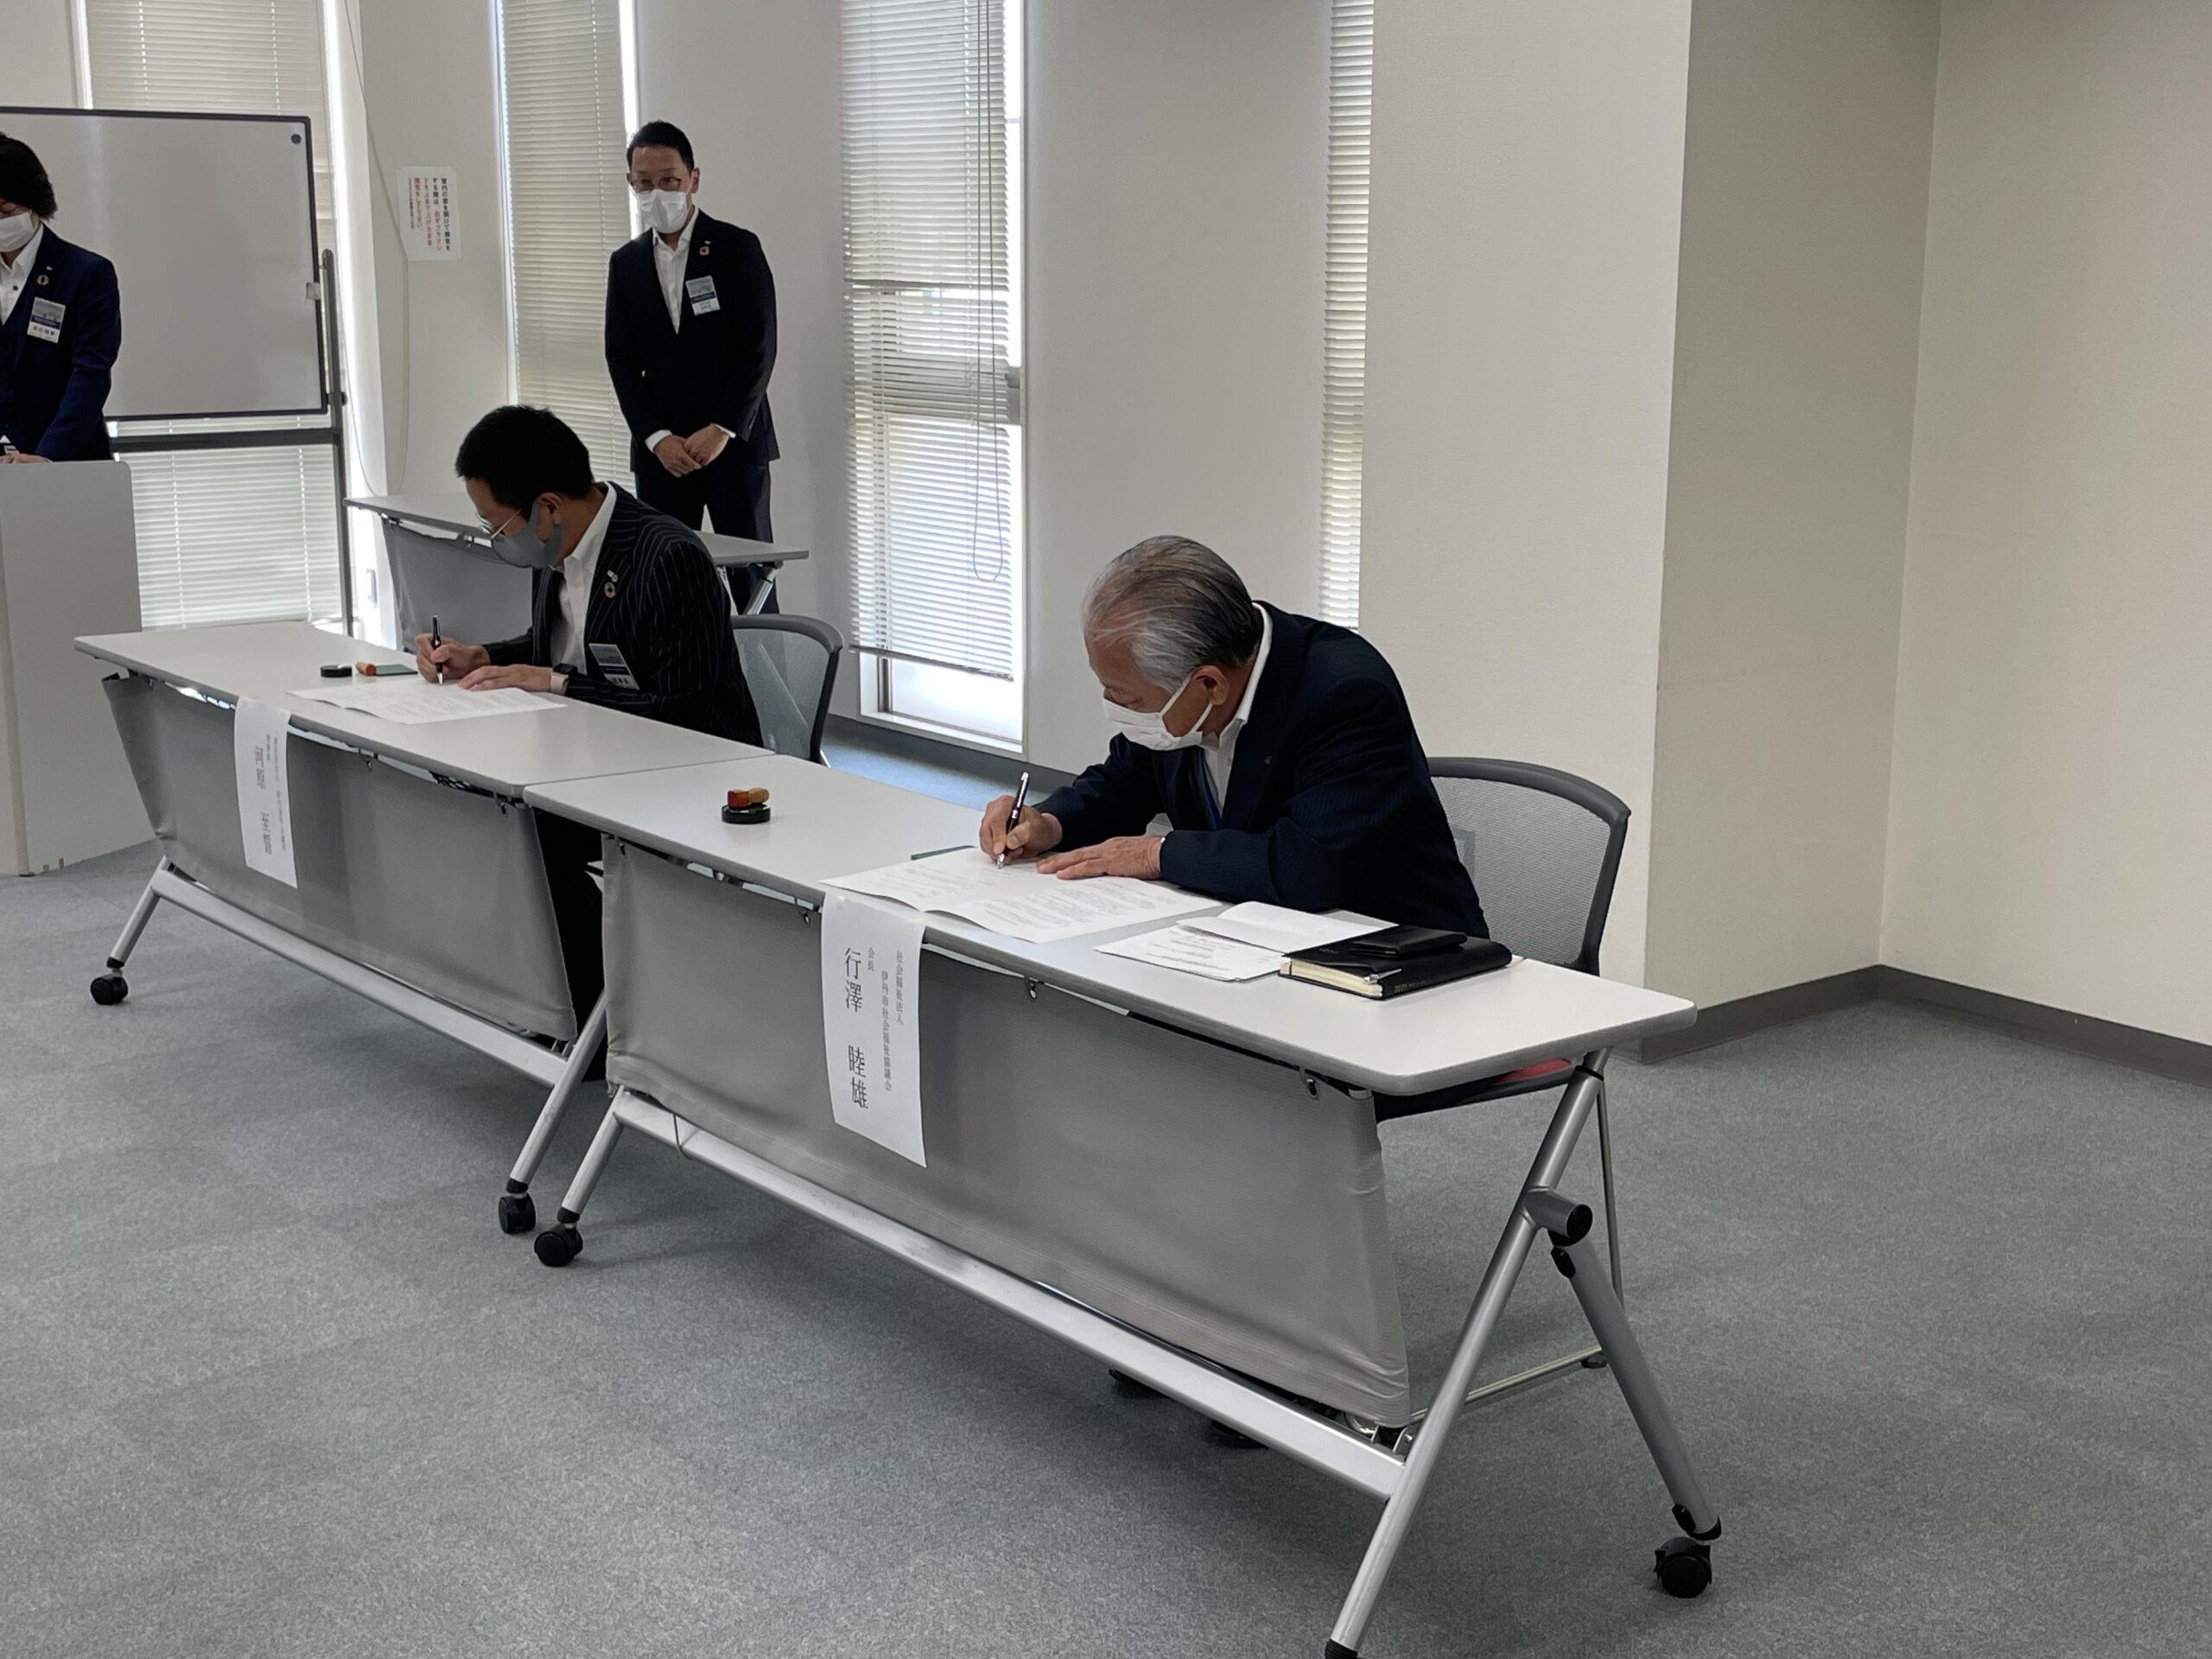 伊丹市では、 「社会福祉法人伊丹市社会福祉協議会と一般社団法人伊丹青年会議所の 災害時における協力体制に関する協定締結式」が締結